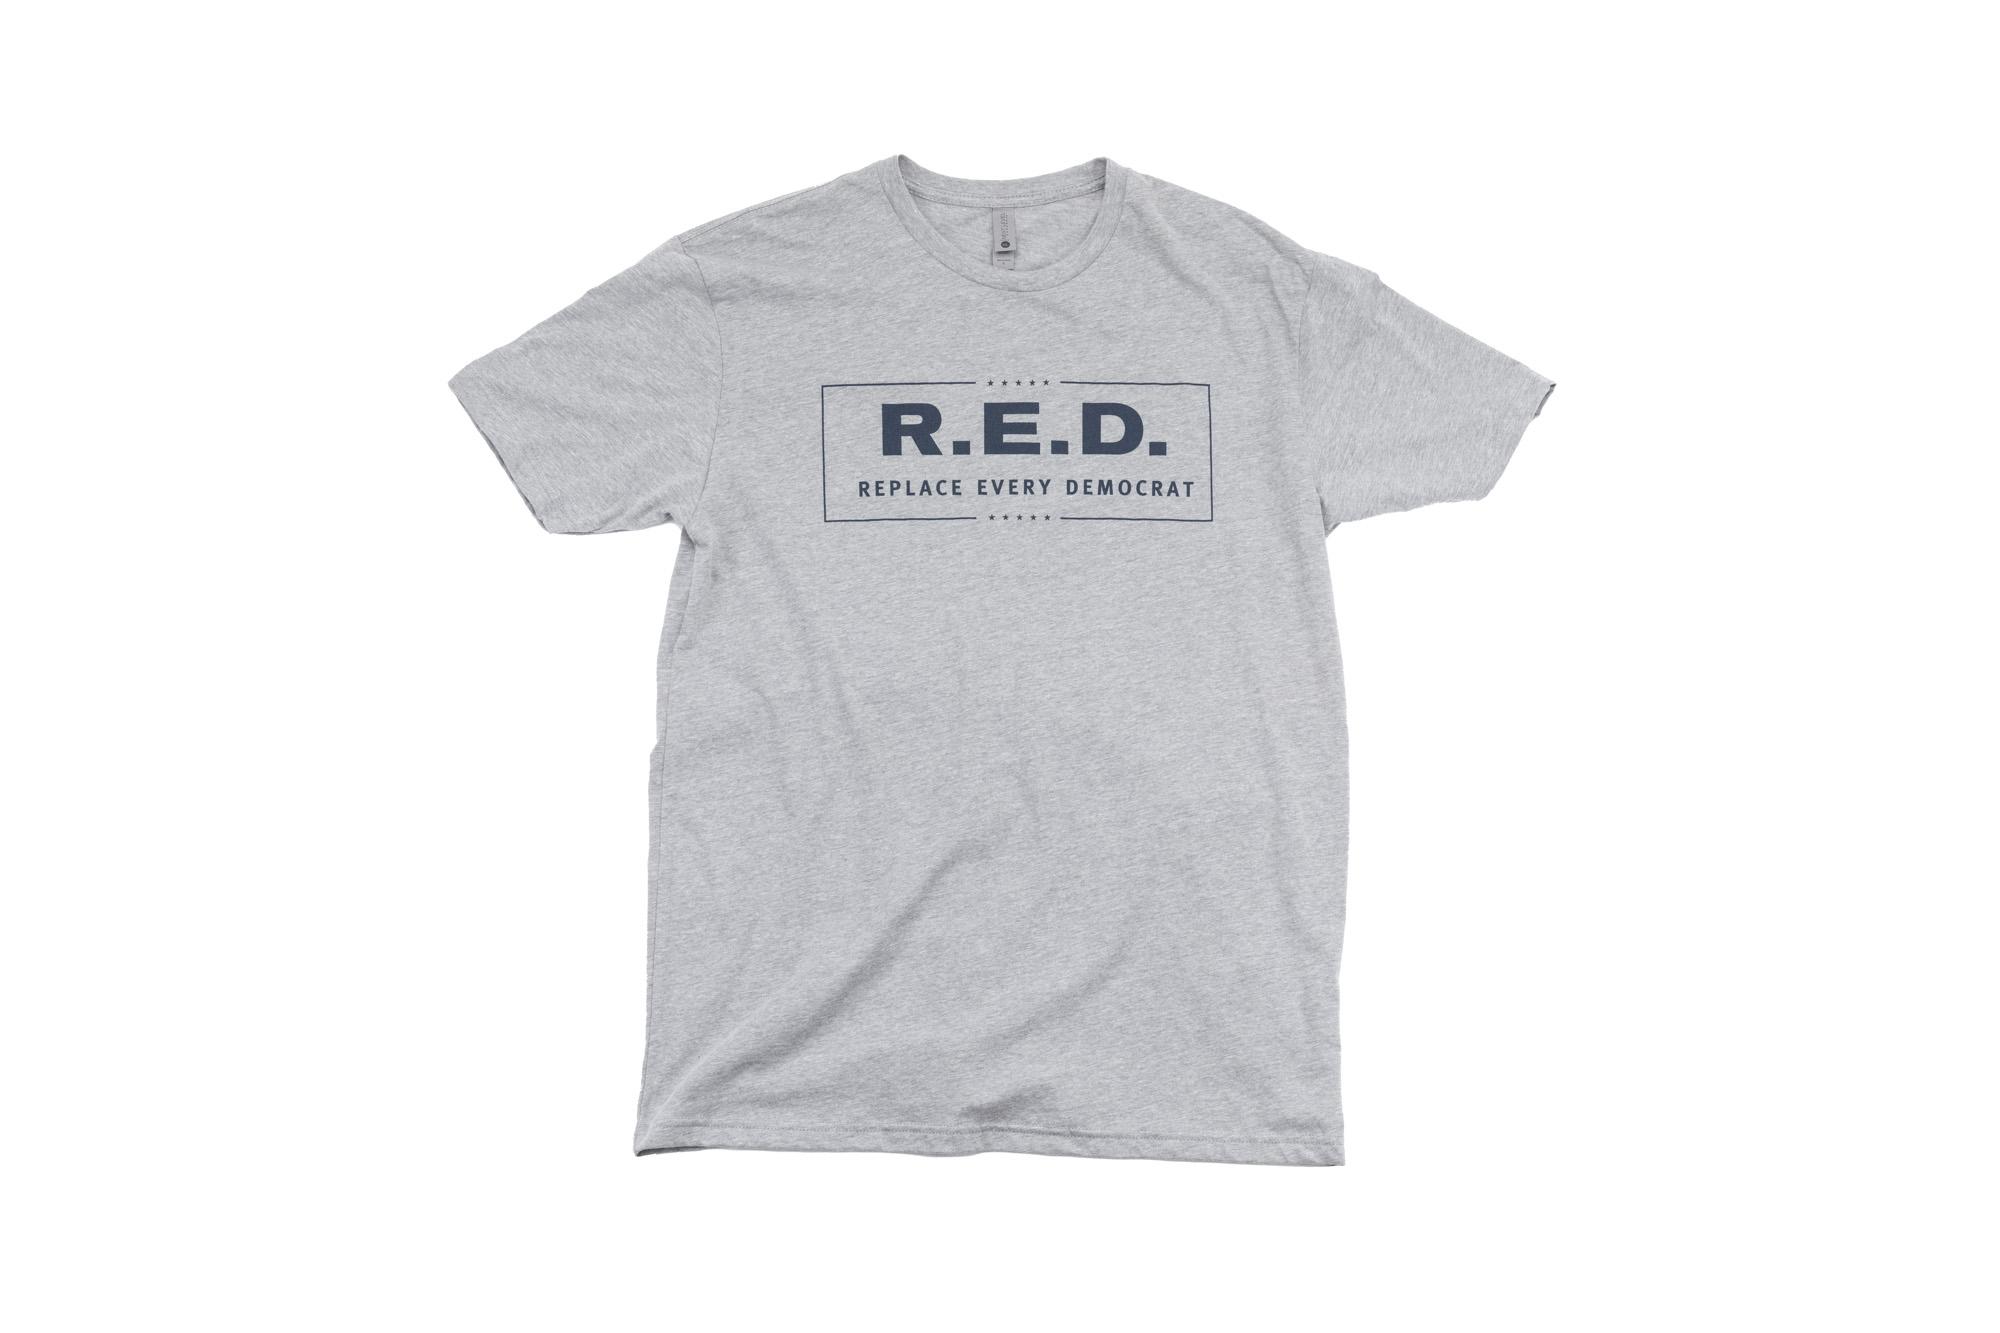 R.E.D. Shirt